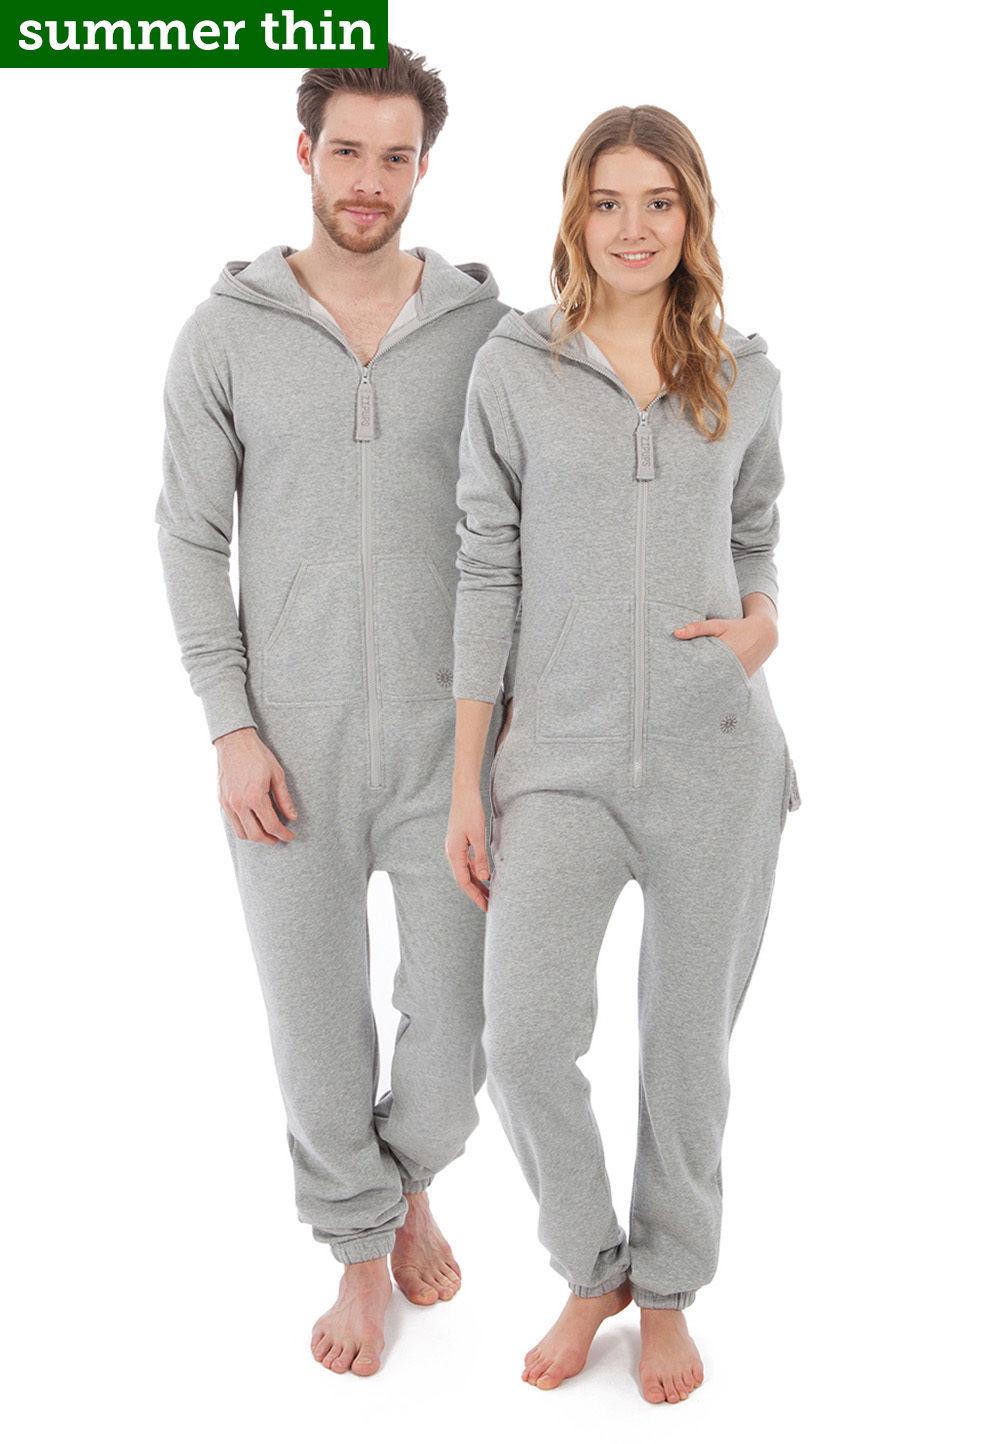 ZipUps in verschiedenen Designs für Erwachsene und Kids bei eBay im Brands4Friends Outlet